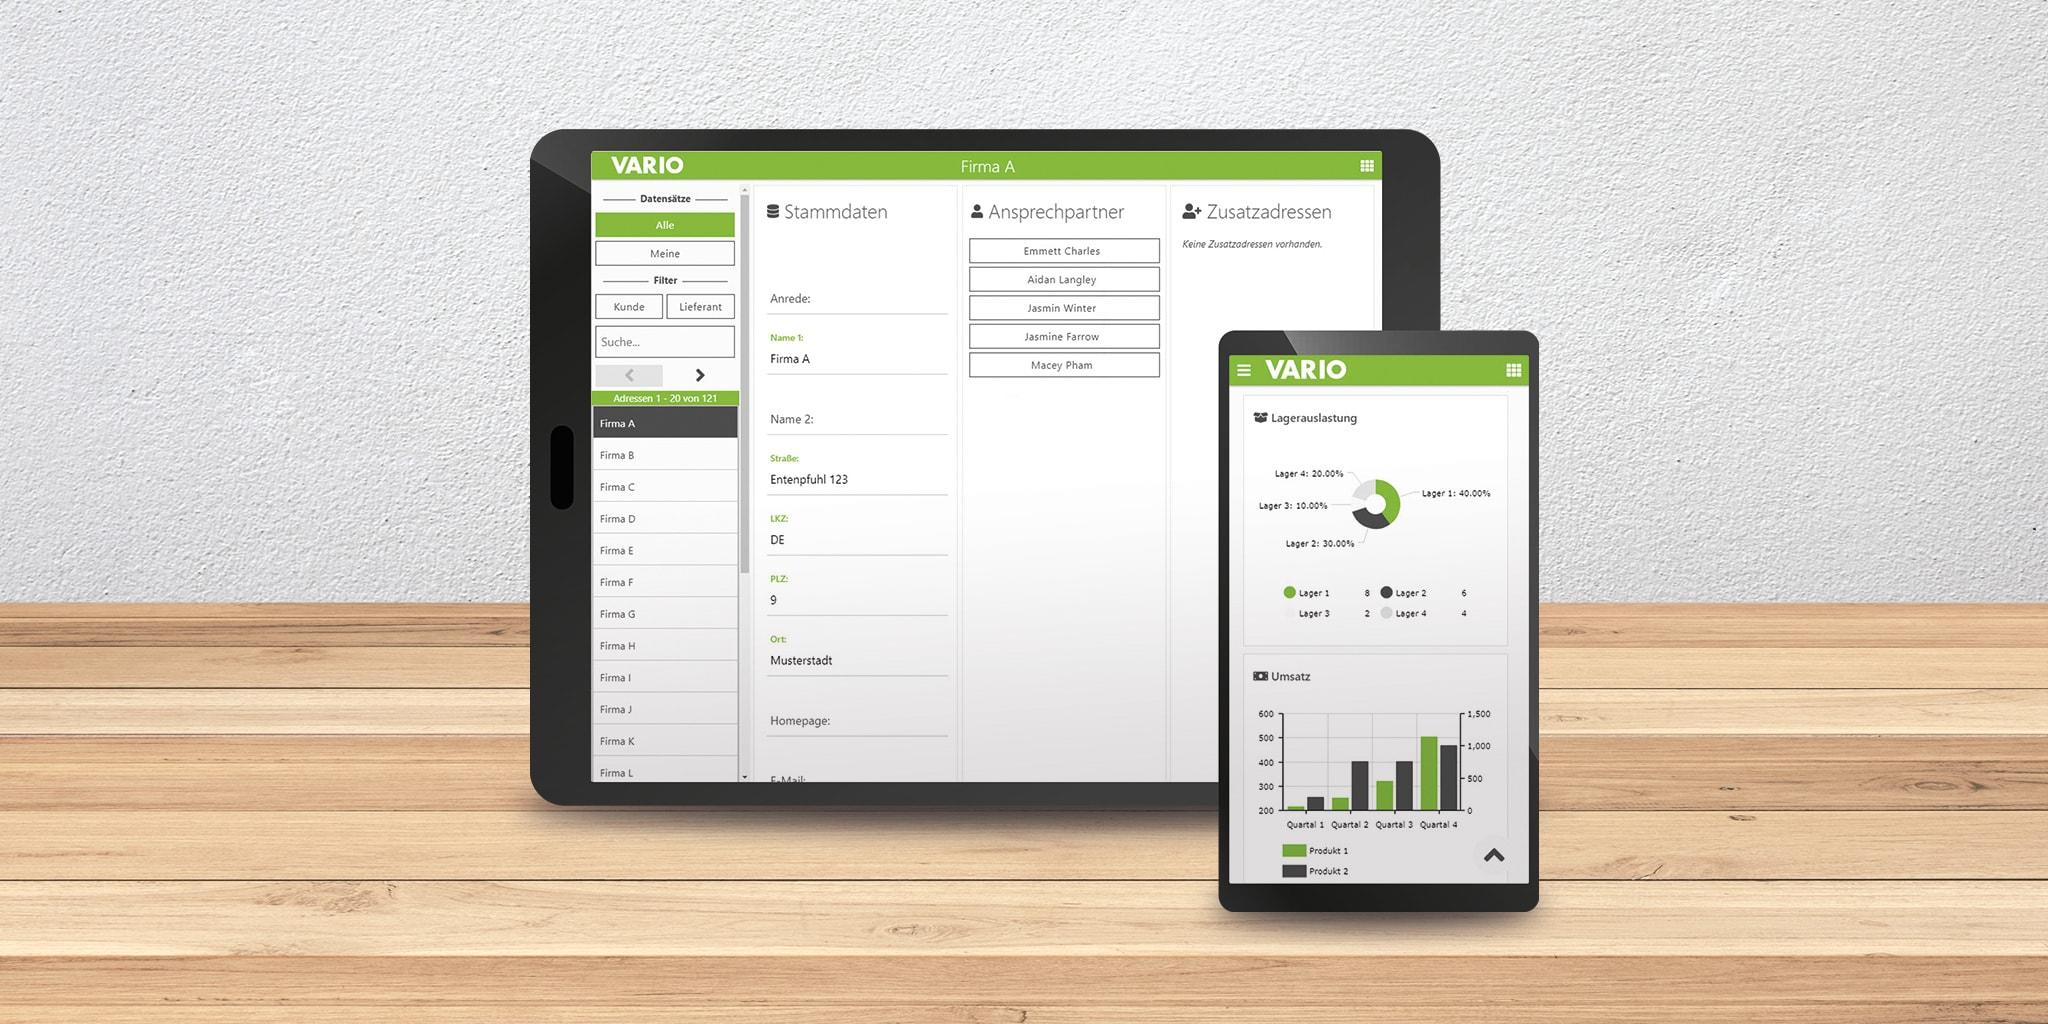 Interface der Vermietungssoftware in der VARIO Warenwirtschaft